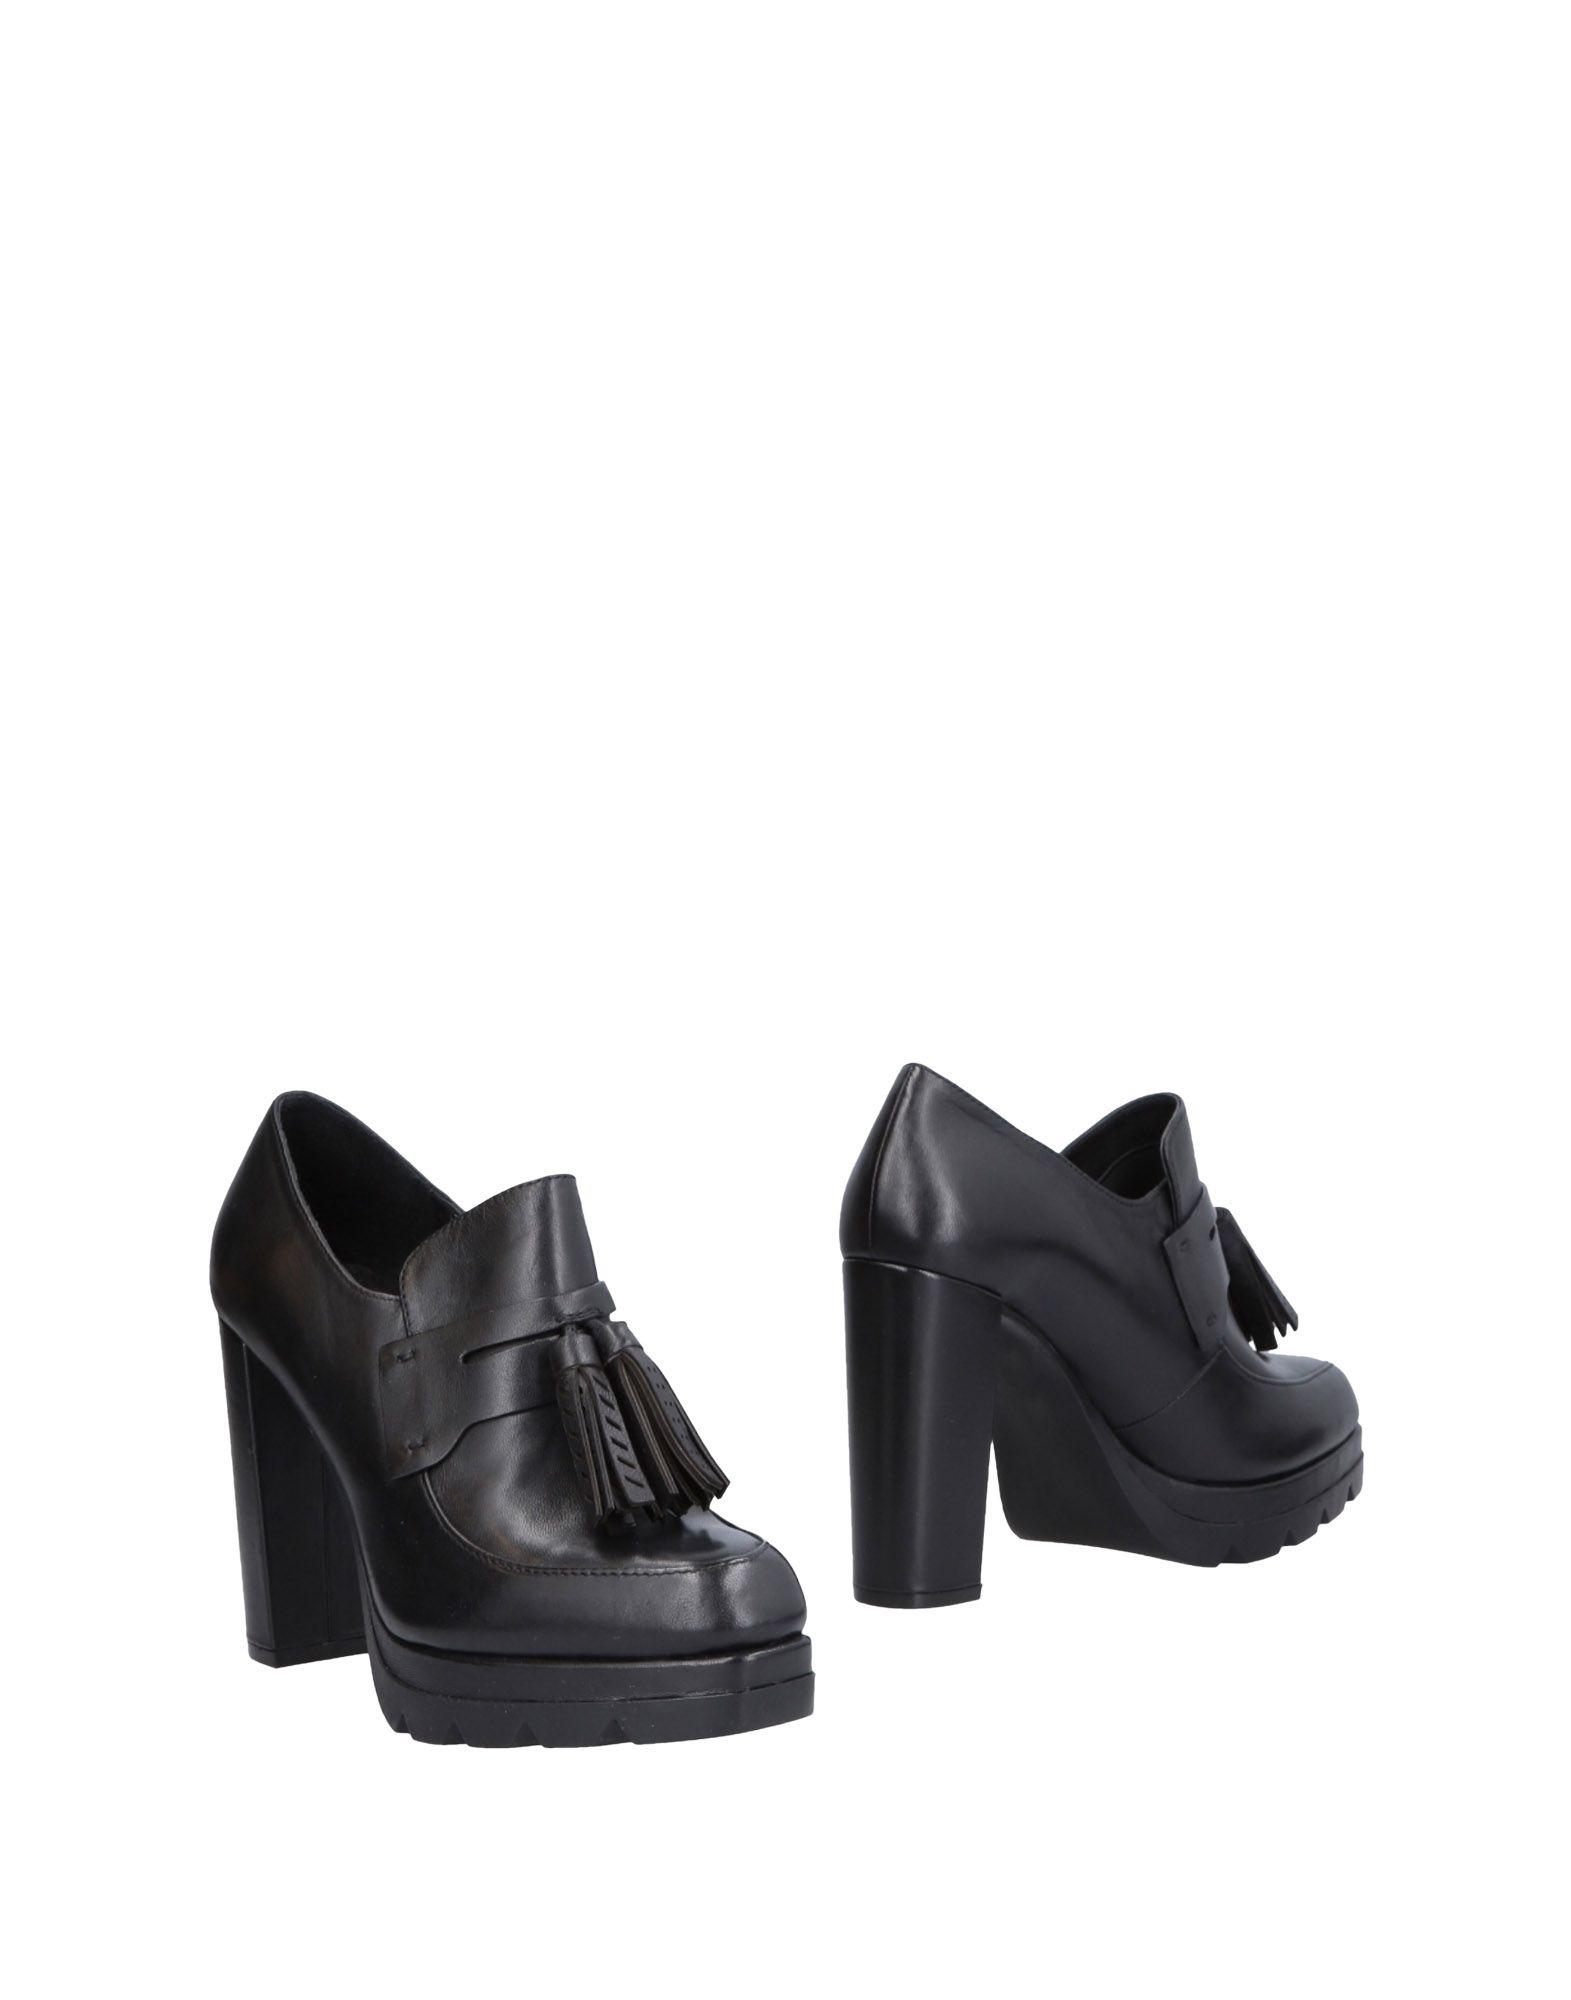 Bruno Premi Stiefelette Damen  11455741JE Gute Qualität beliebte Schuhe